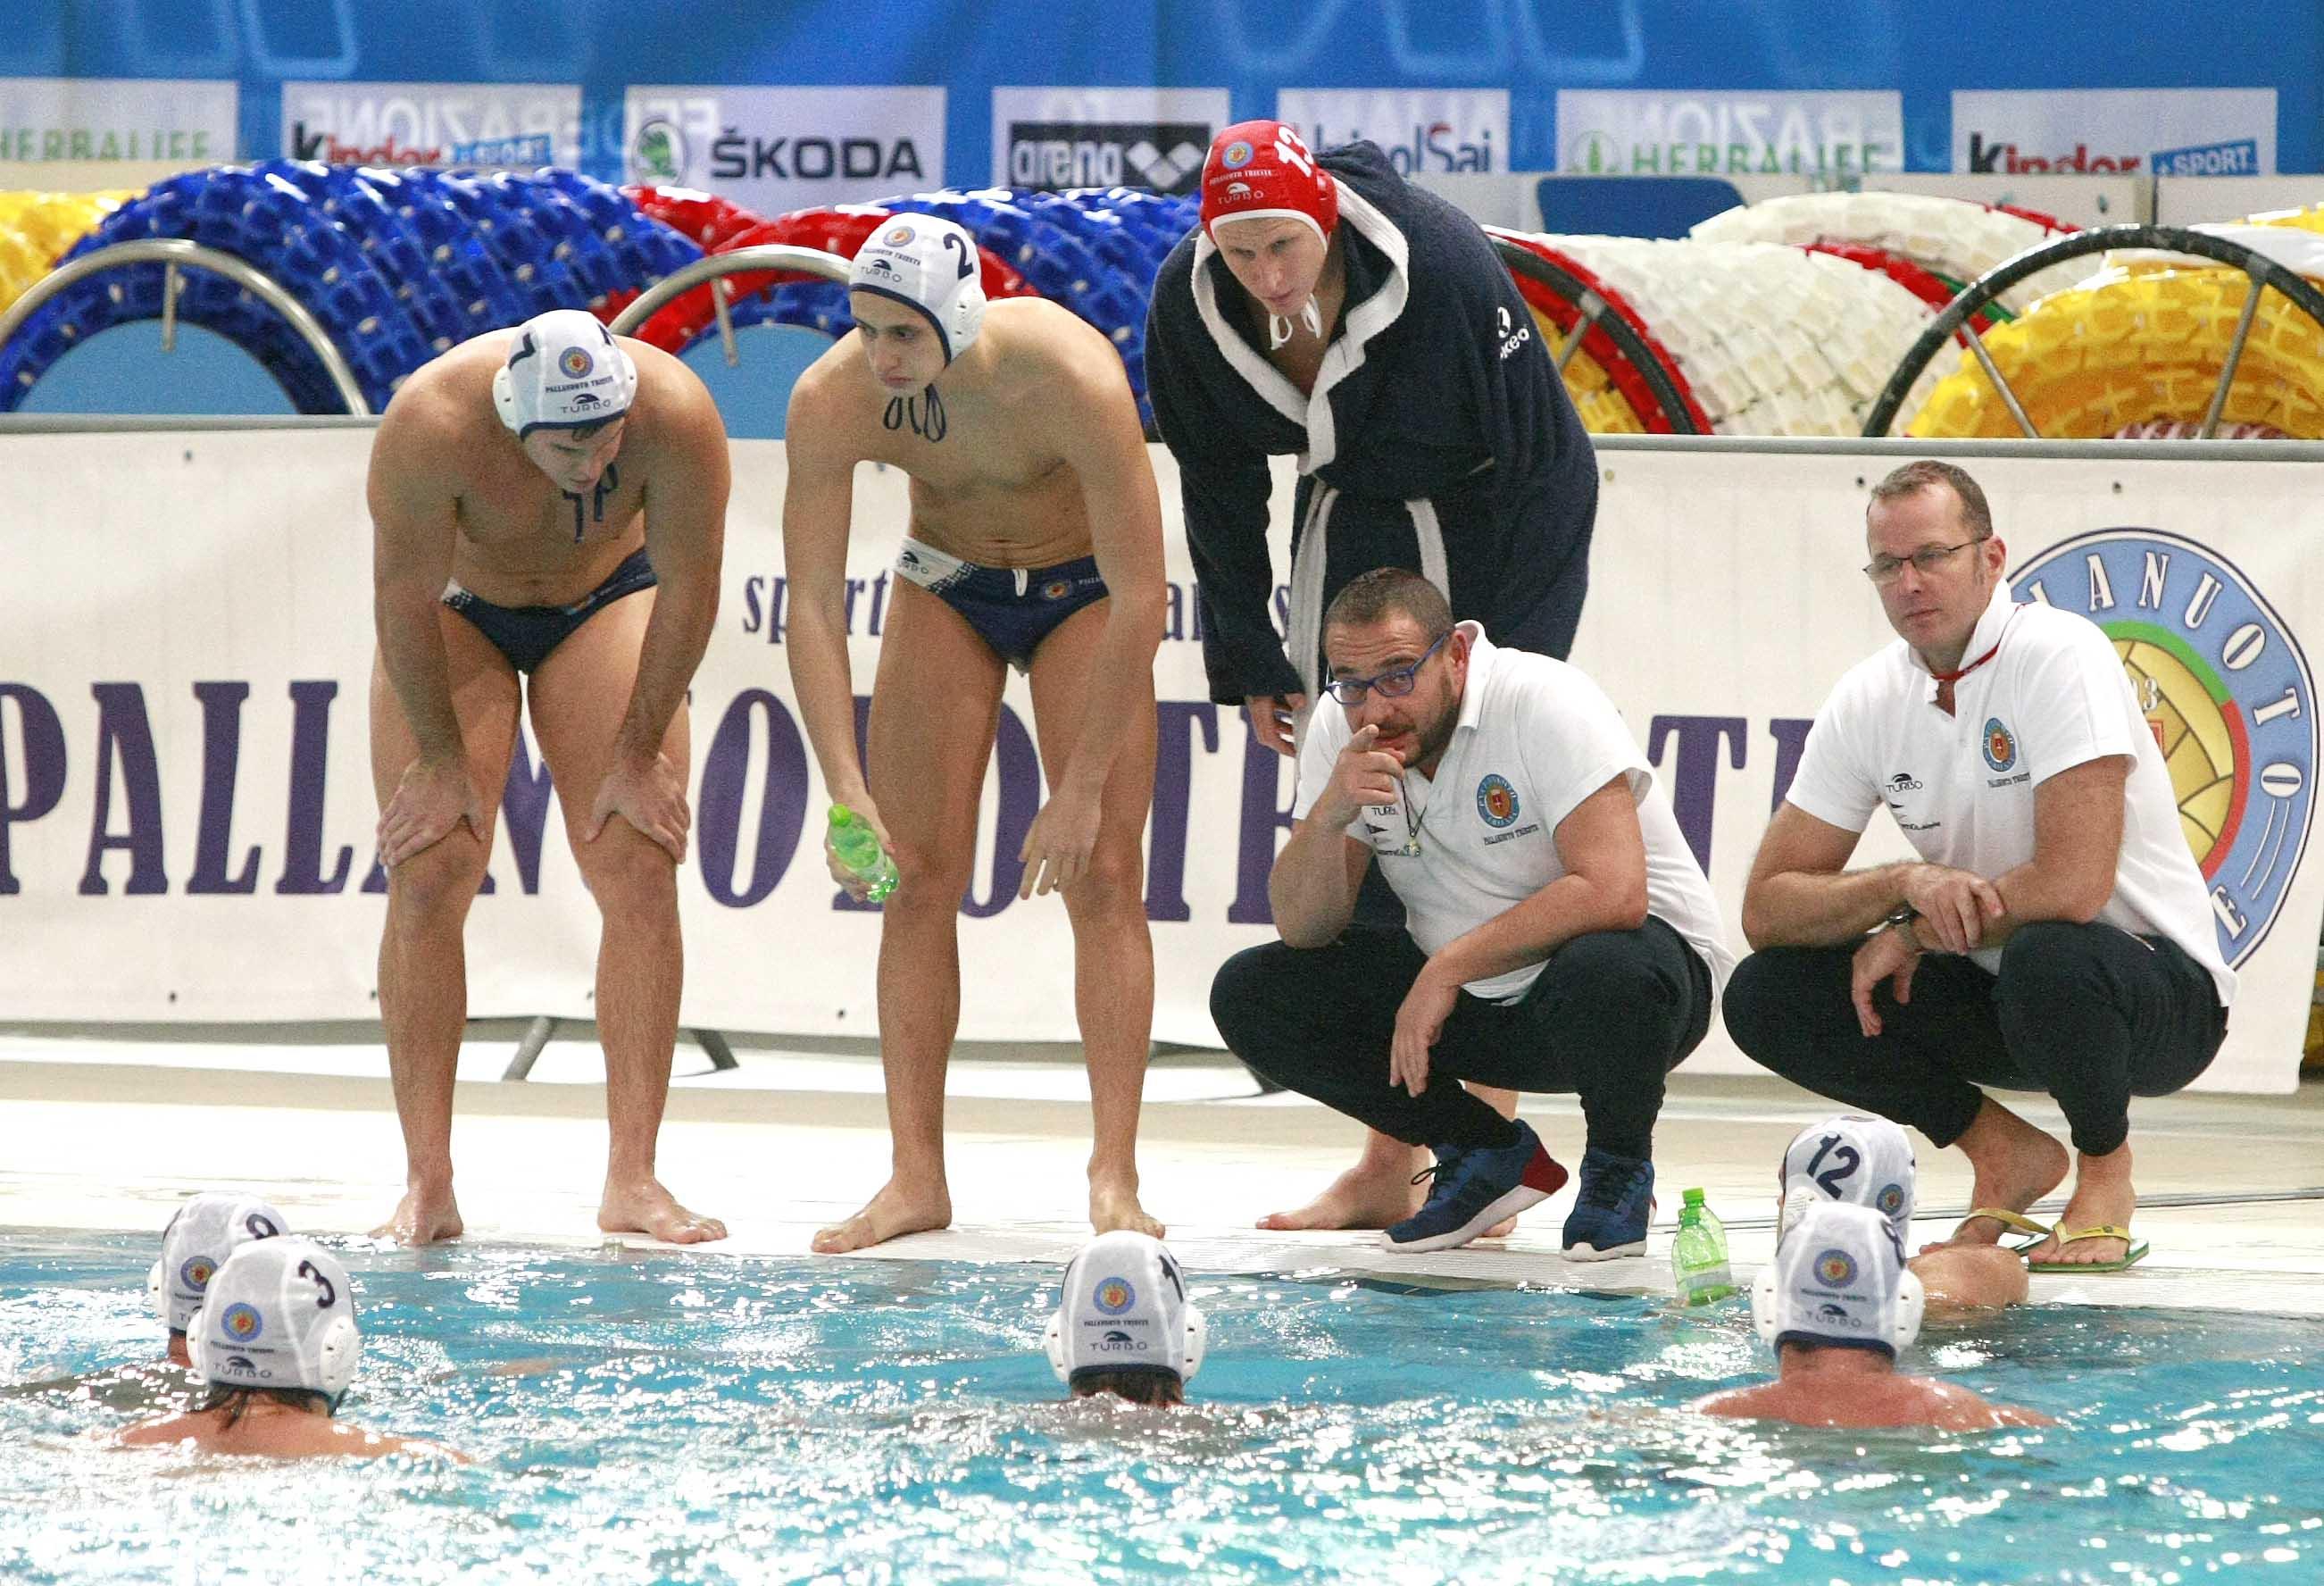 L'An Brescia di Sandro Bovo è troppo superiore. La Pallanuoto Trieste si arrende (7-1) sul campo dei fortissimi vice-campioni d'Italia